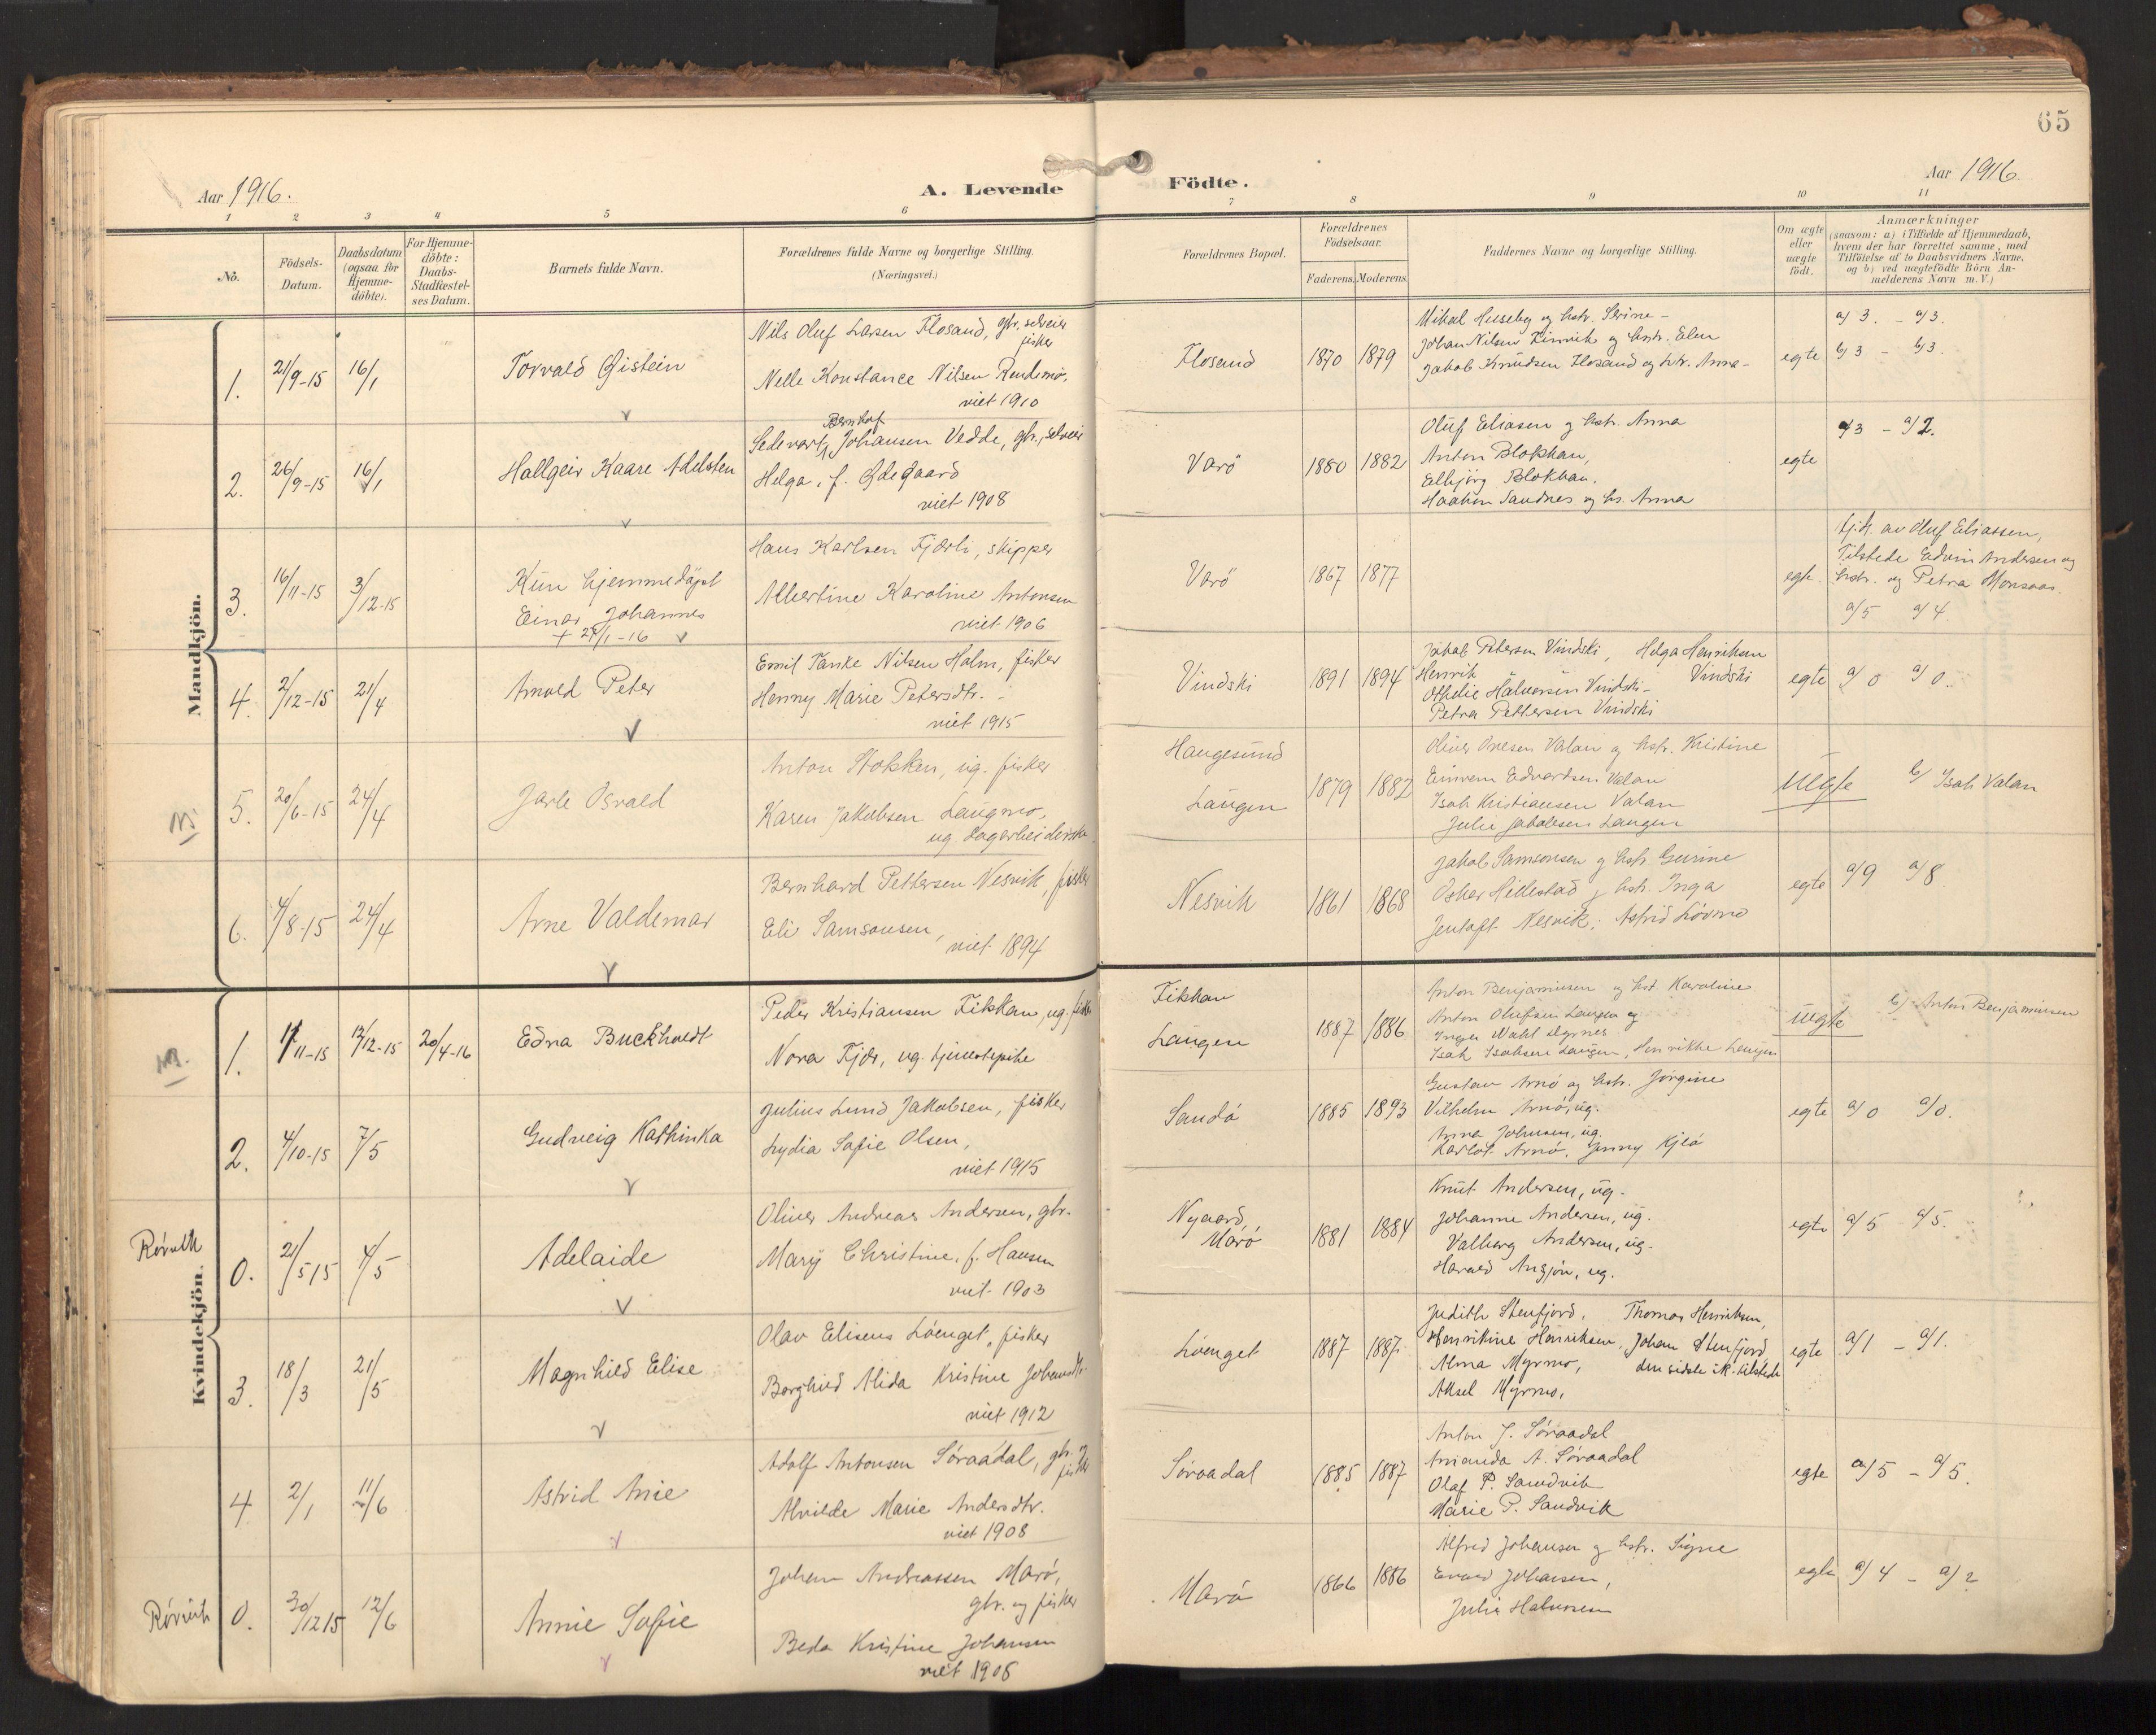 SAT, Ministerialprotokoller, klokkerbøker og fødselsregistre - Nord-Trøndelag, 784/L0677: Ministerialbok nr. 784A12, 1900-1920, s. 65